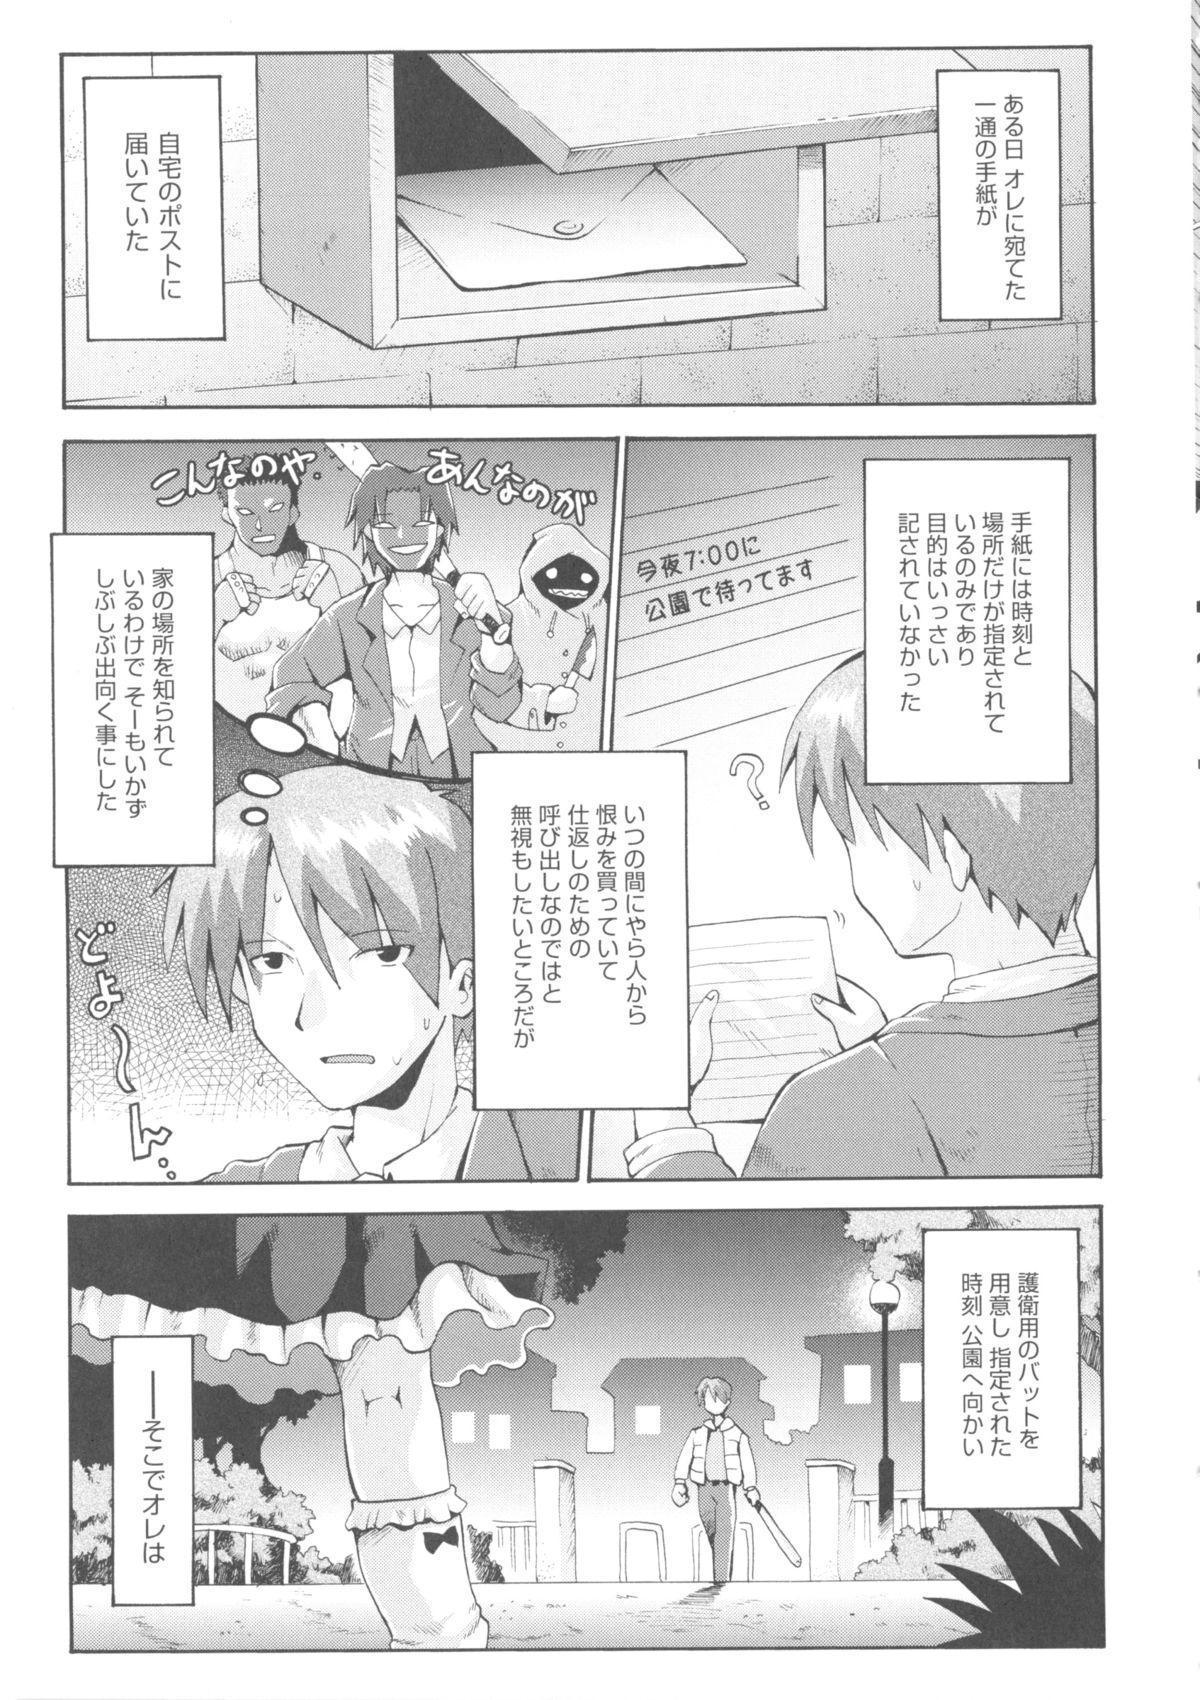 Comic Ino. 04 30